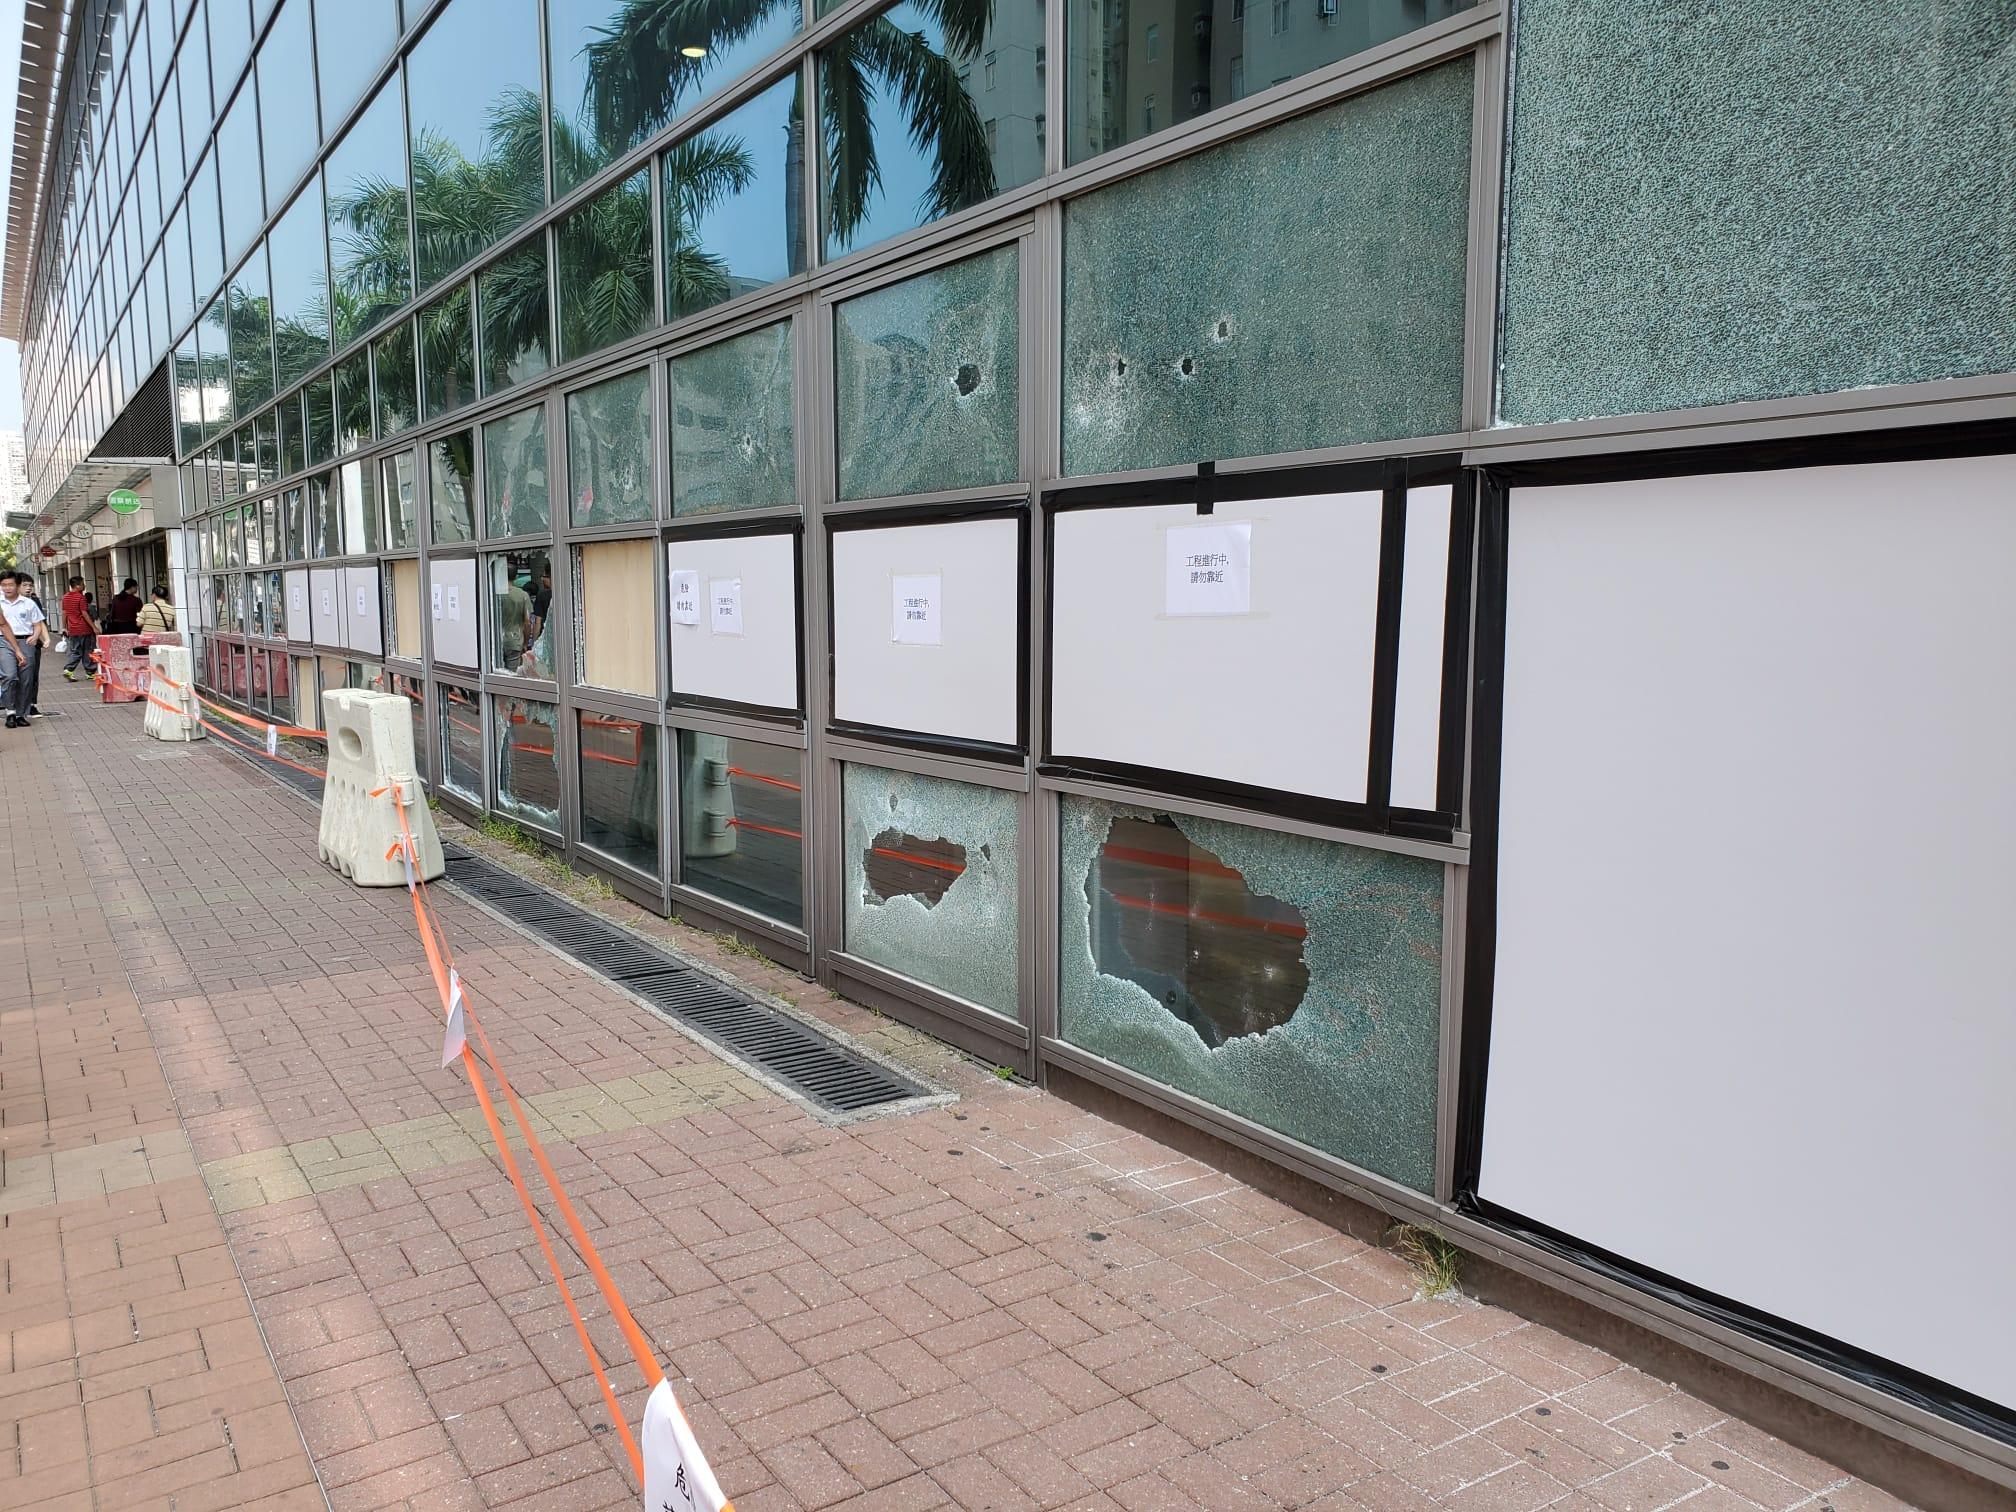 【修例风波】大围站有设施未修復 玻璃爆裂闸机售票机受损停用